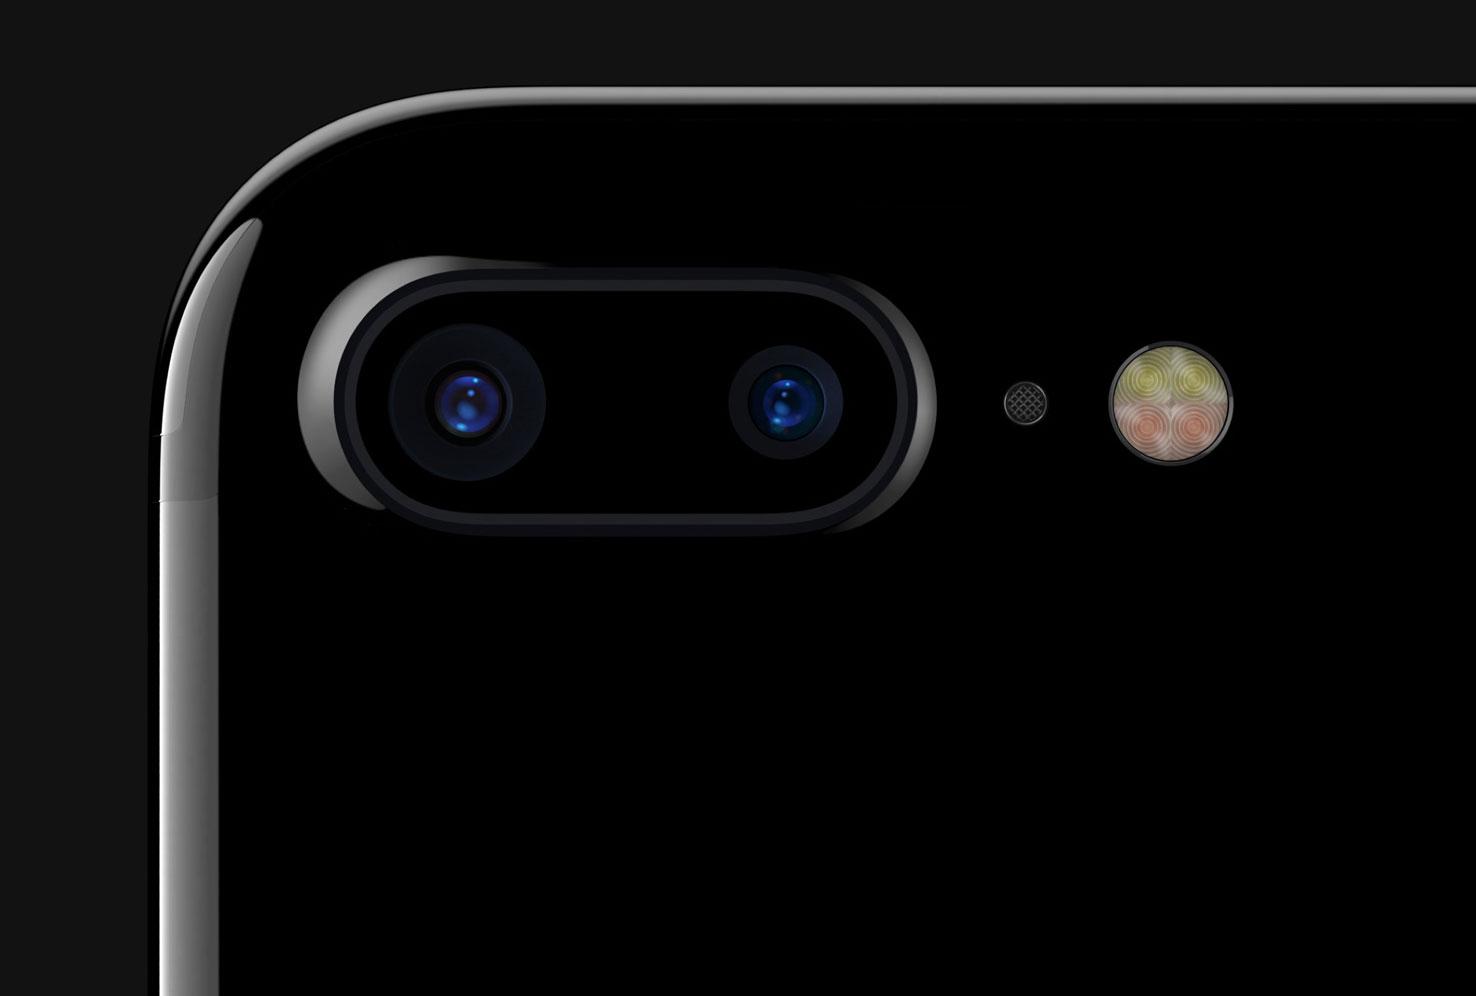 Doble cámara en el iPhone 7 Plus